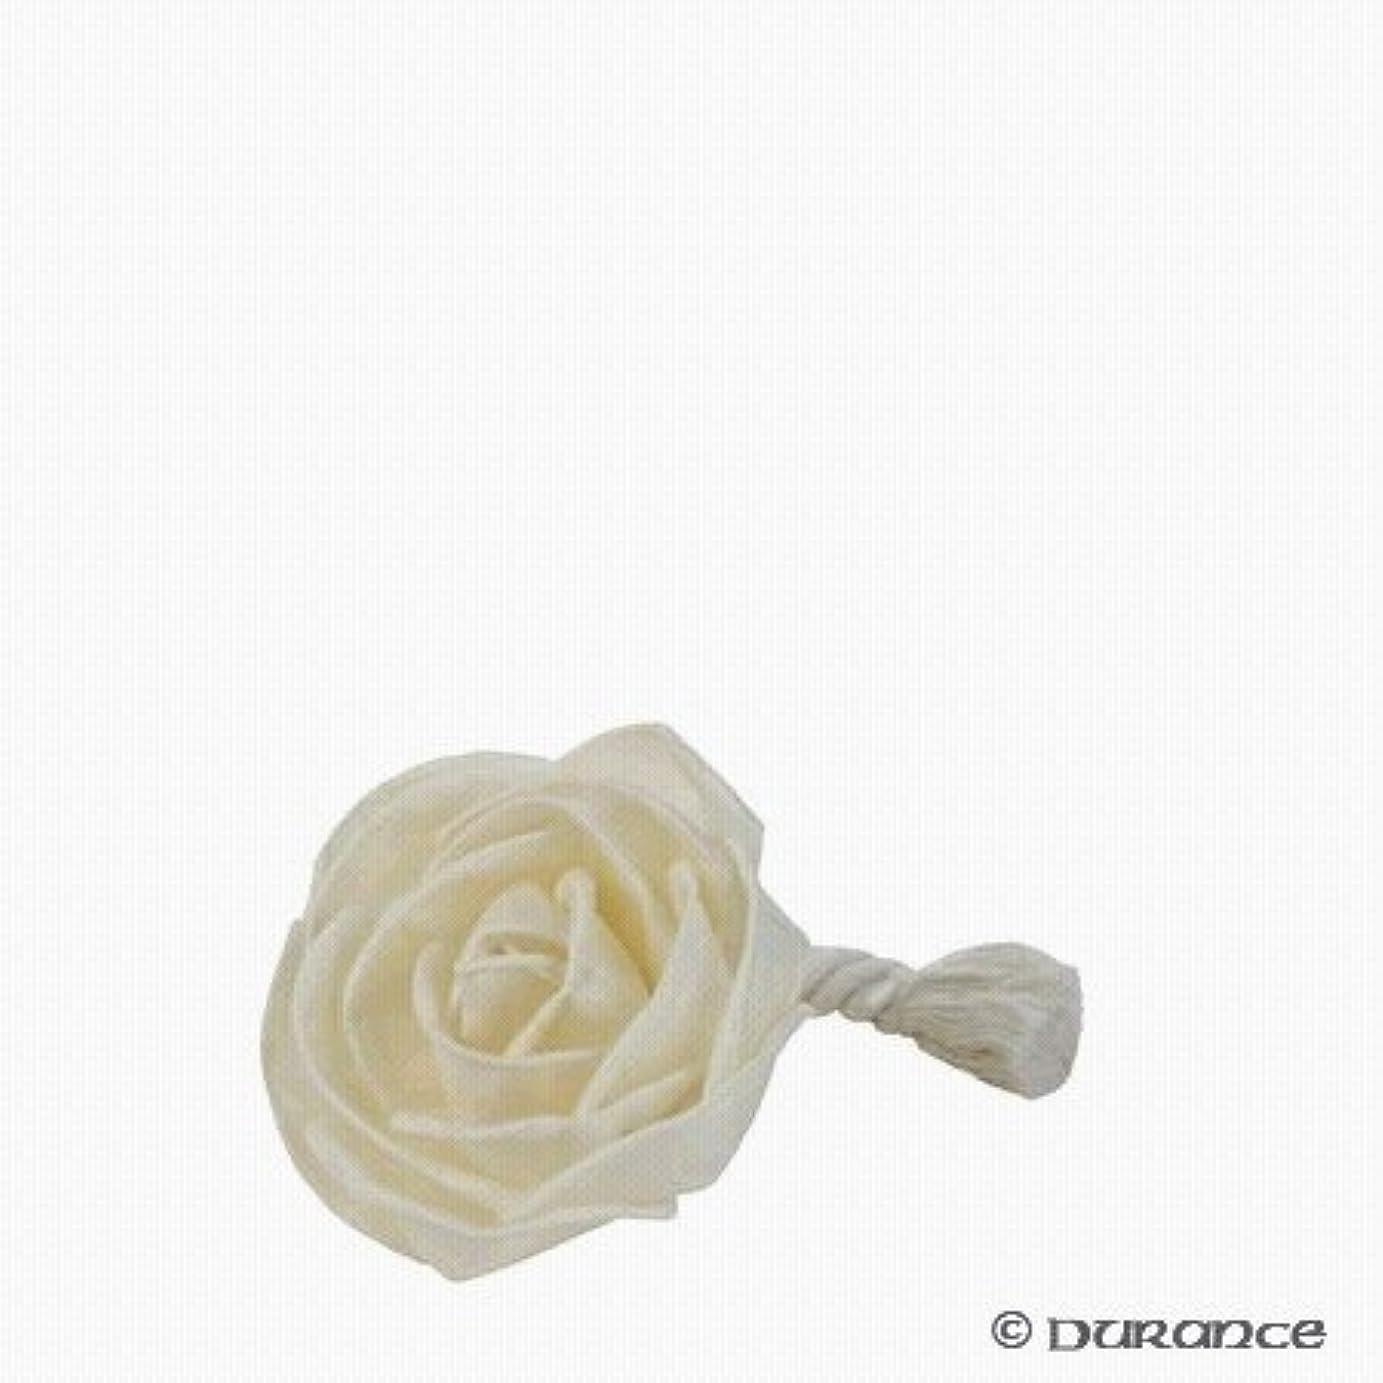 縞模様のはぁスーパーマーケットDURANCE(デュランス) フラワーブーケ(専用ブーケリフィル)「ローズ」 3287570467007